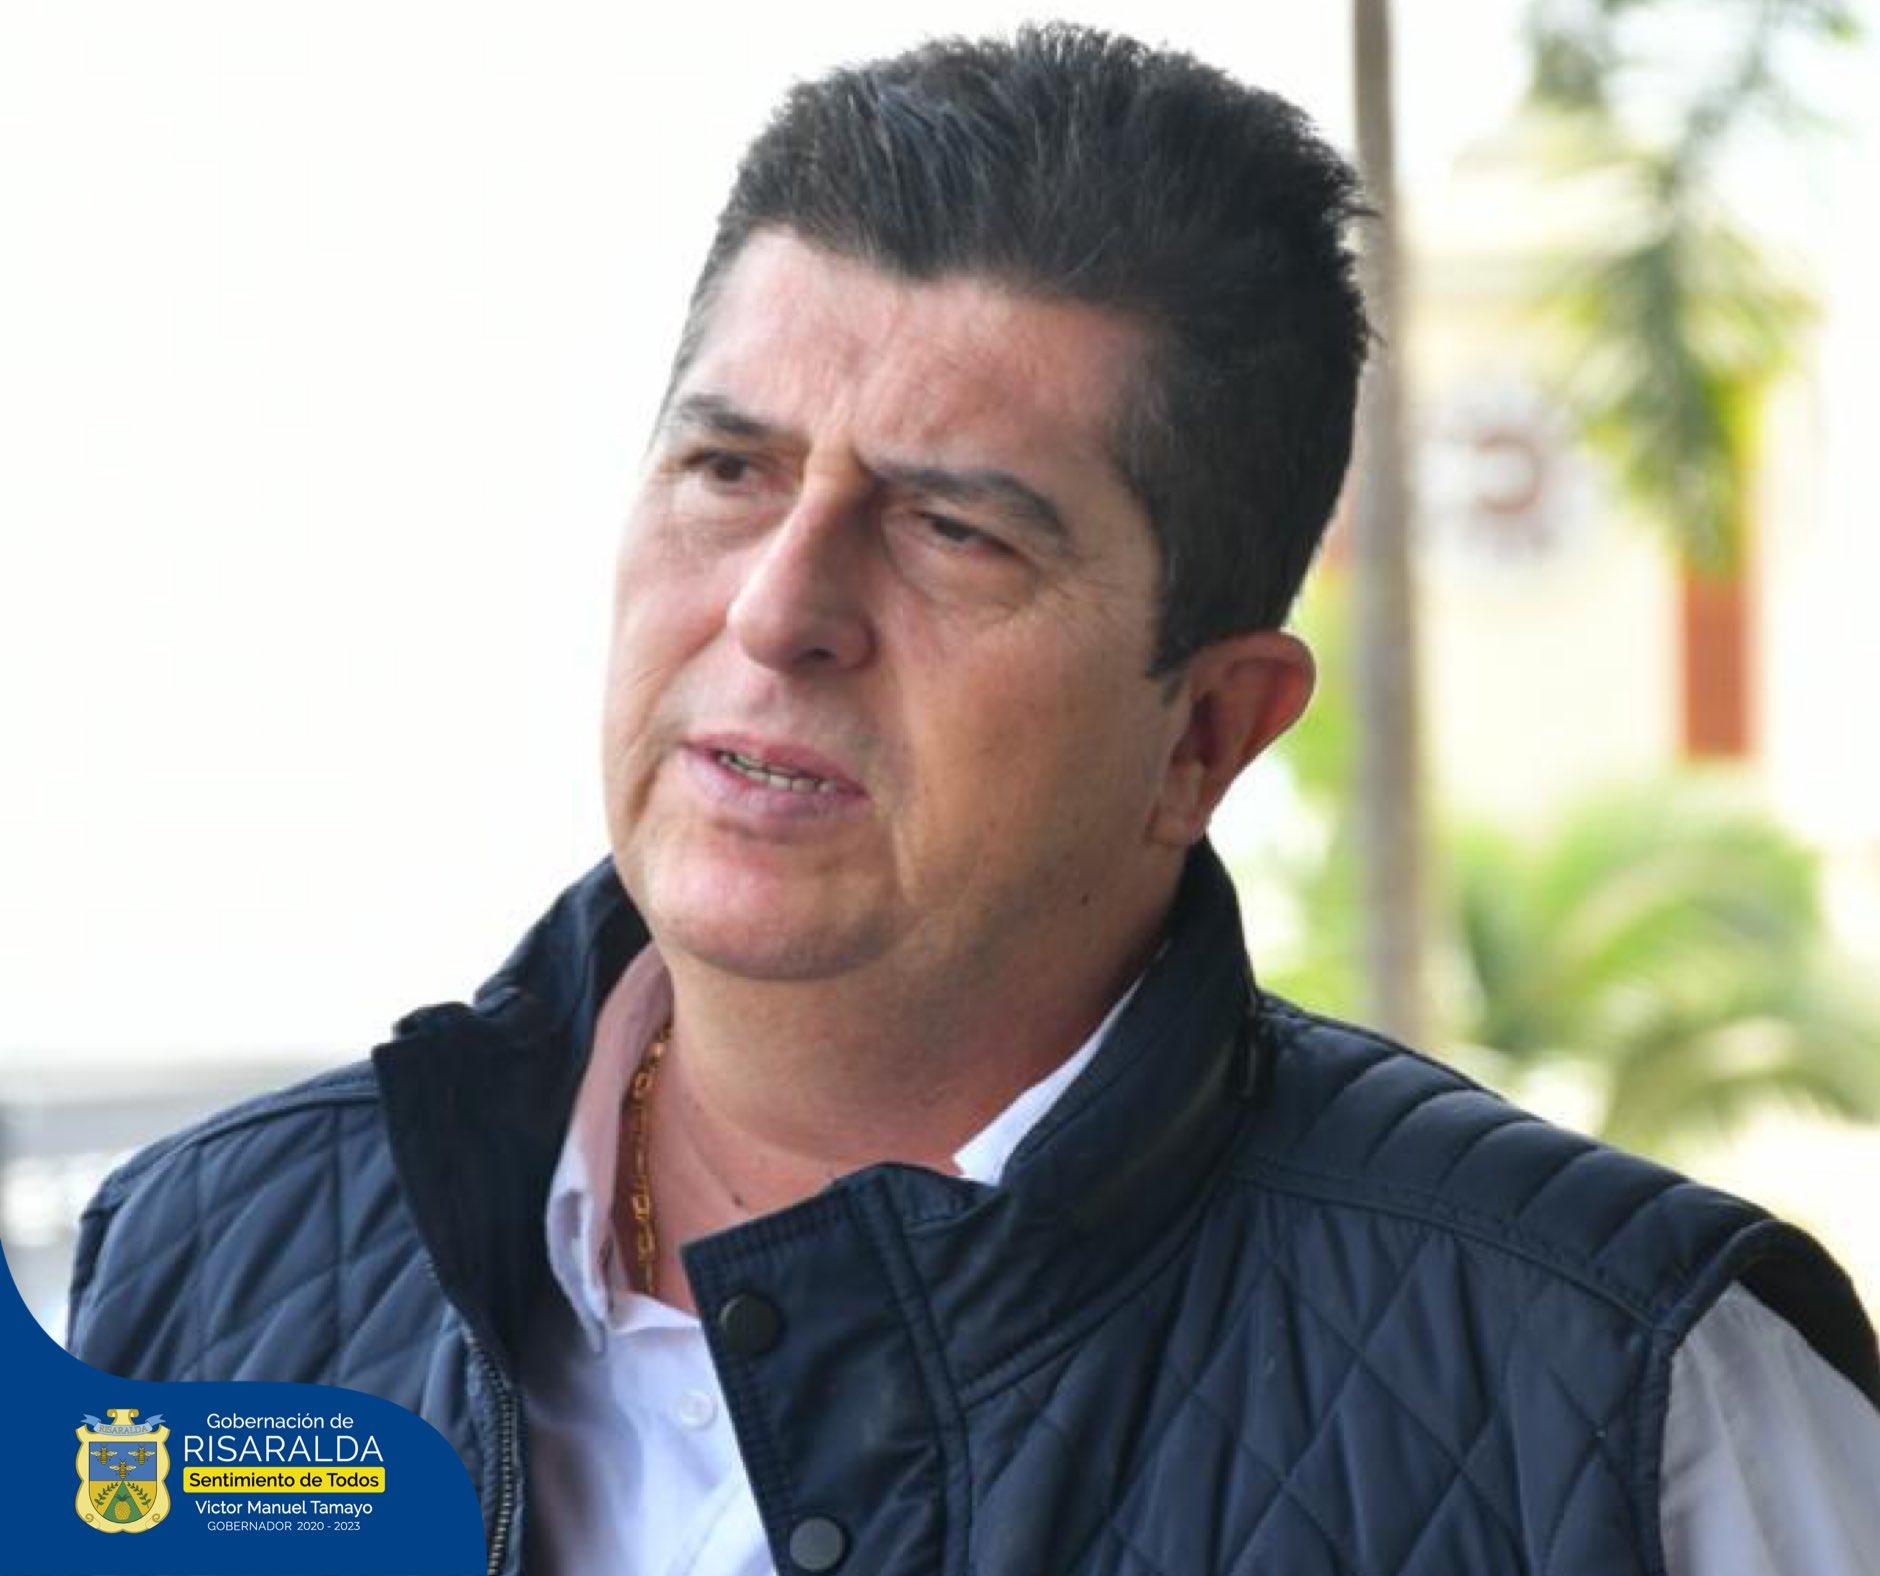 """Ο χρήστης Gobernación de Risaralda στο Twitter: """"El Departamento de  Risaralda reporta con normalidad la evolución de la salud del Gobernador,  Victor Manuel Tamayo Vargas, quien se encuentra aislado domiciliariamente.  También, informa"""